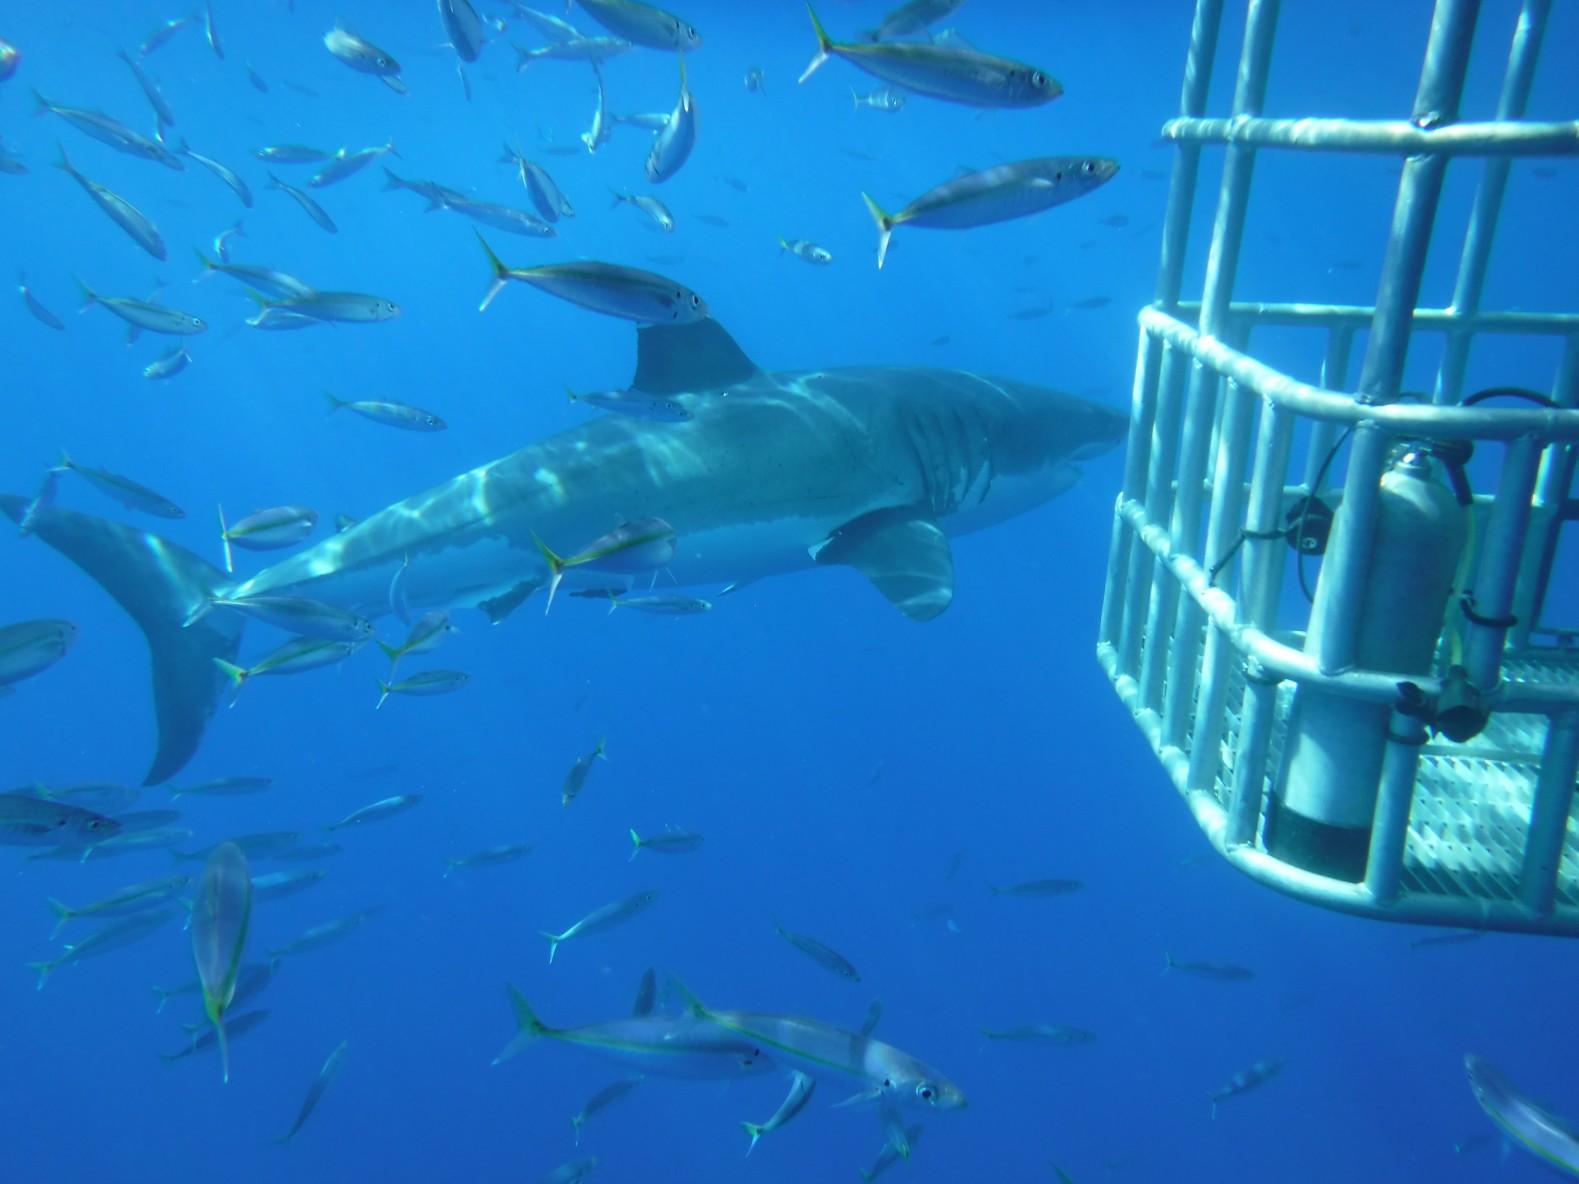 Three sharks circling